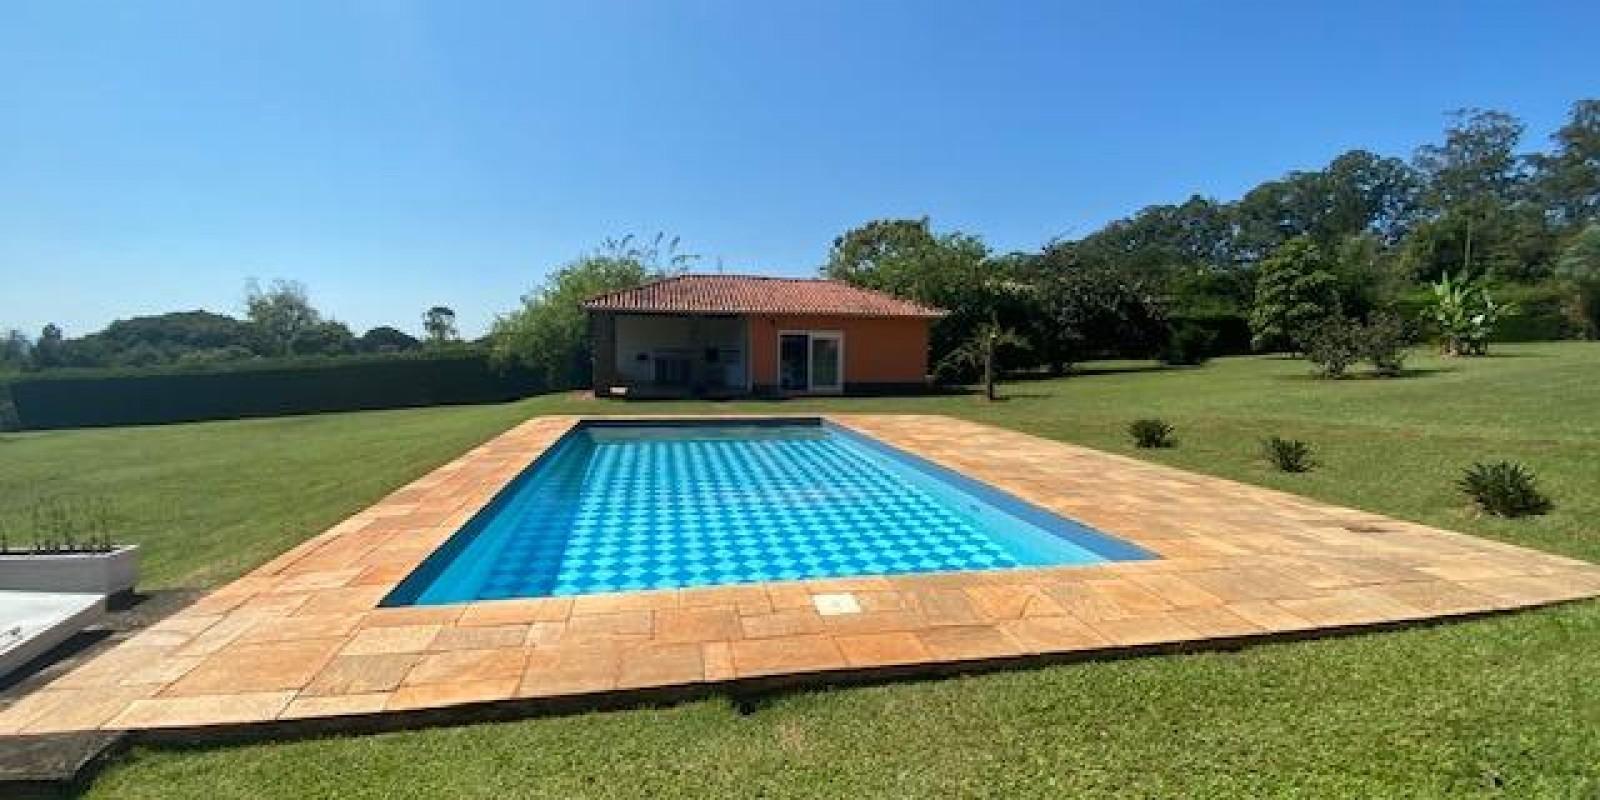 Casa na Represa Condomínio  Parque Náutico em Avaré SP - Foto 24 de 40